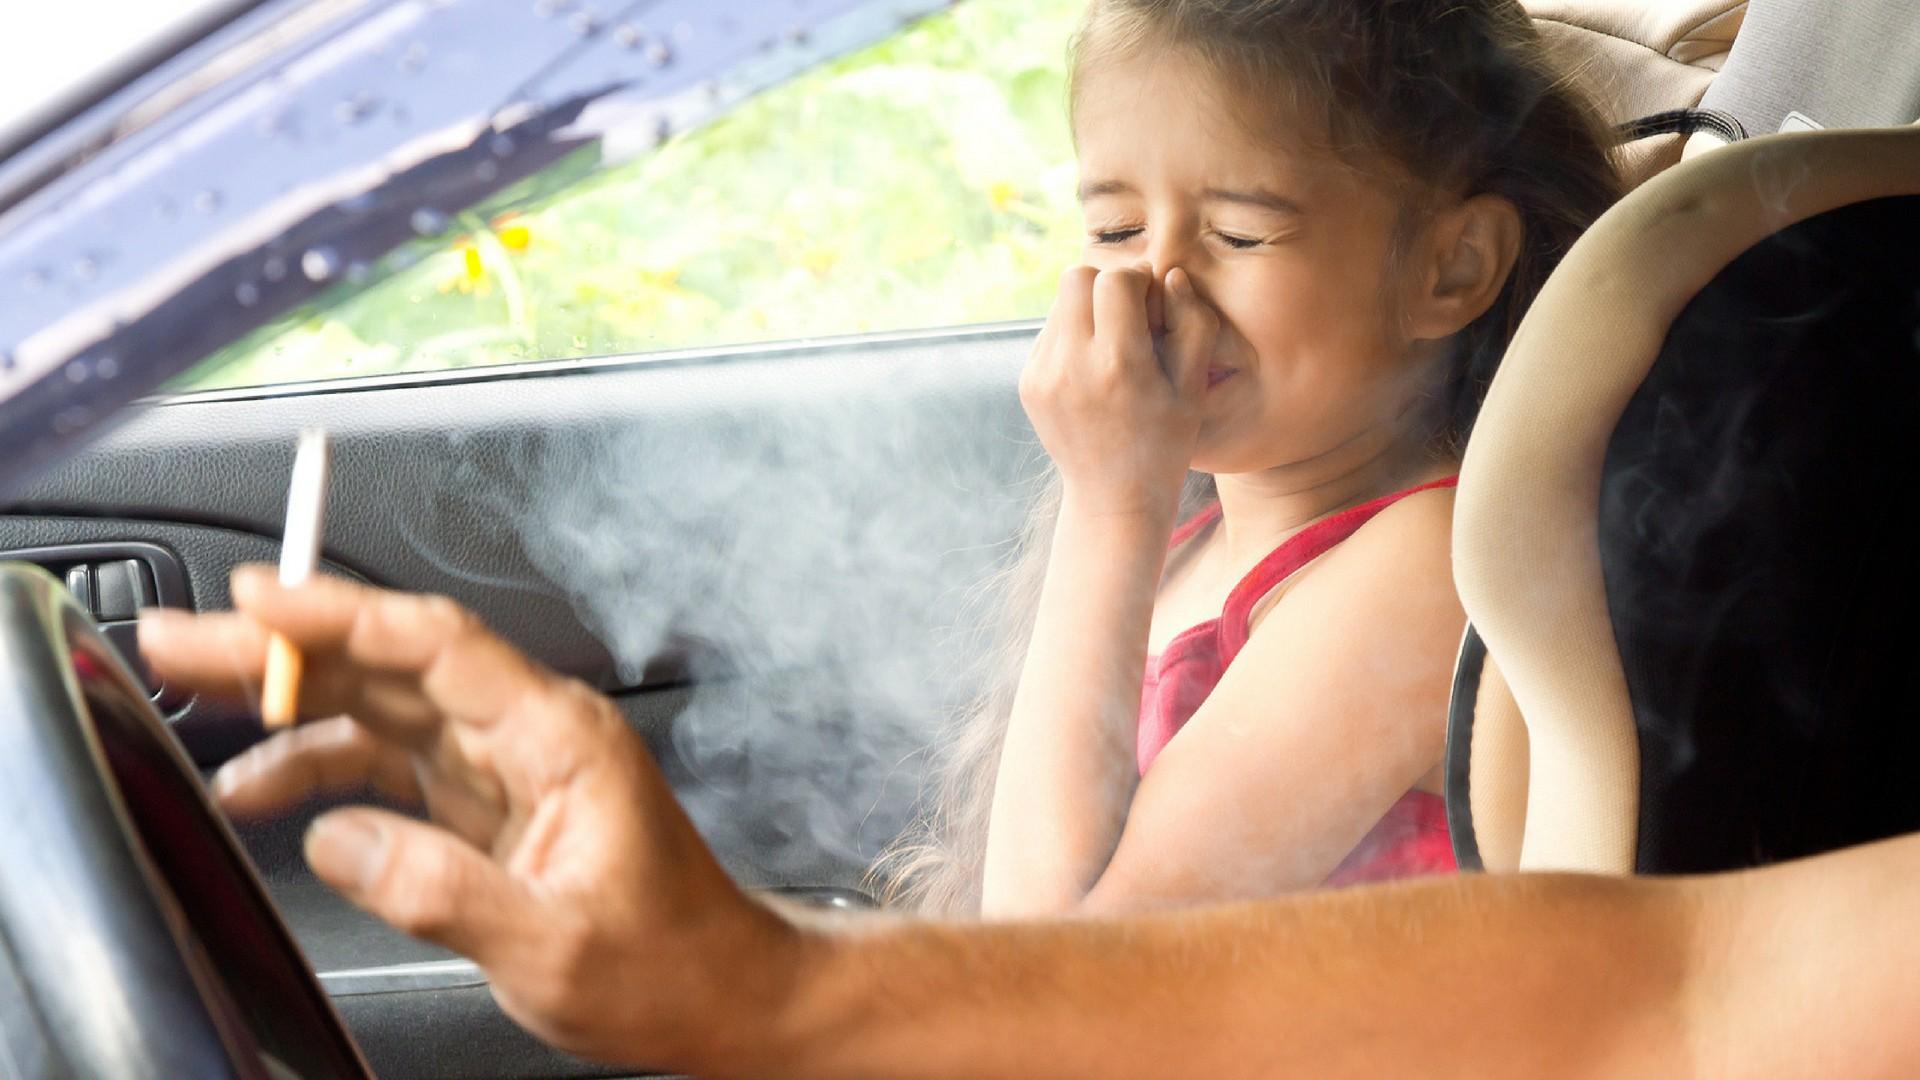 Vater raucht neben Tochter im Auto